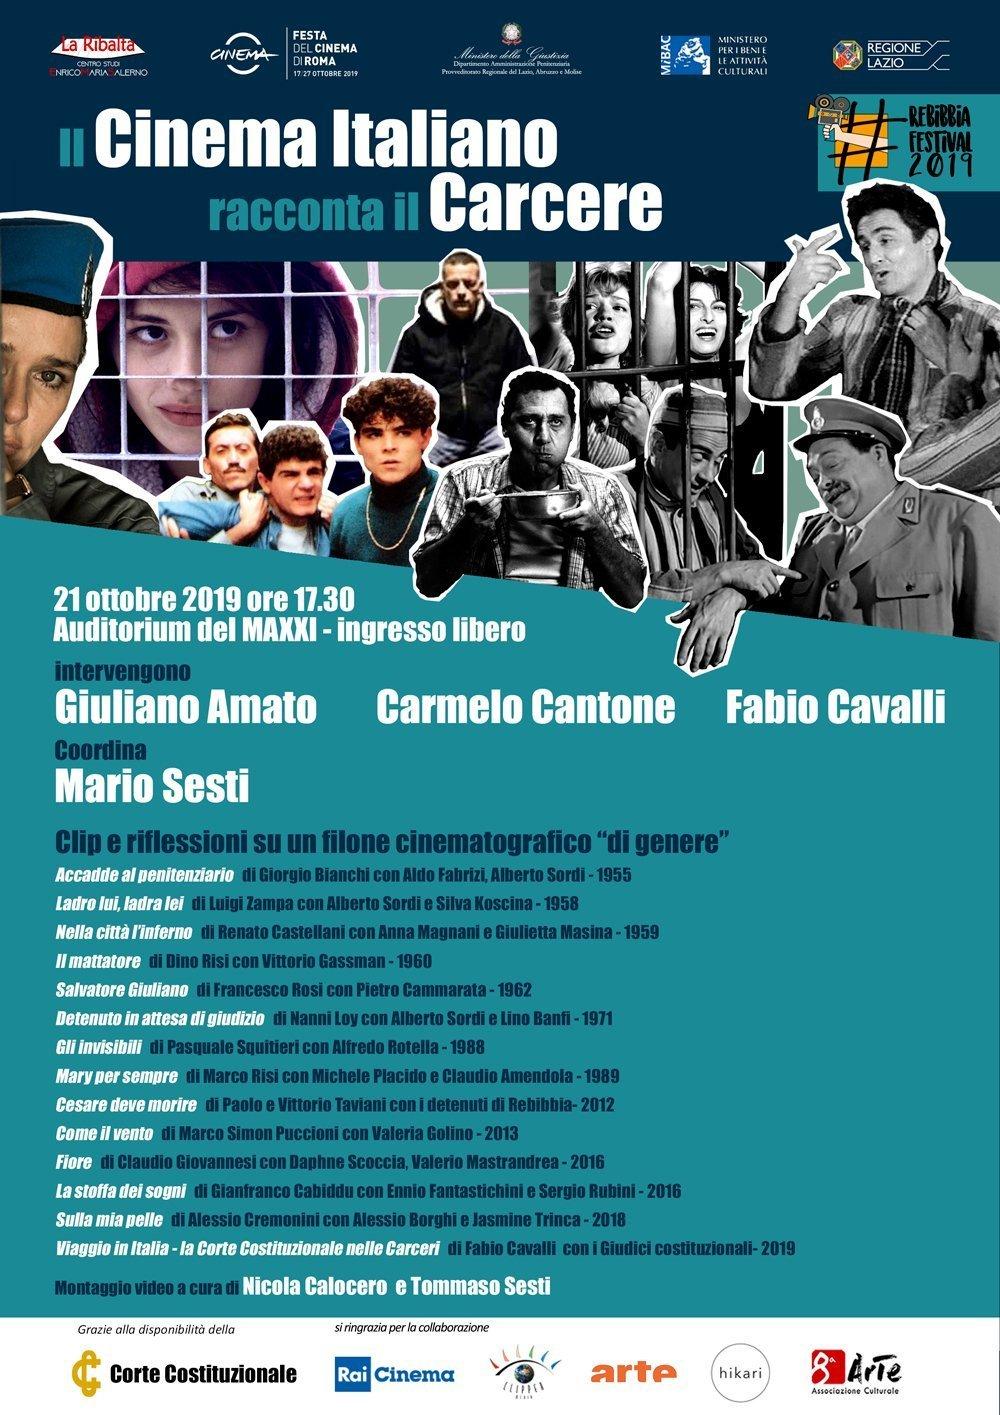 Il Cinema italiano racconta il carcere